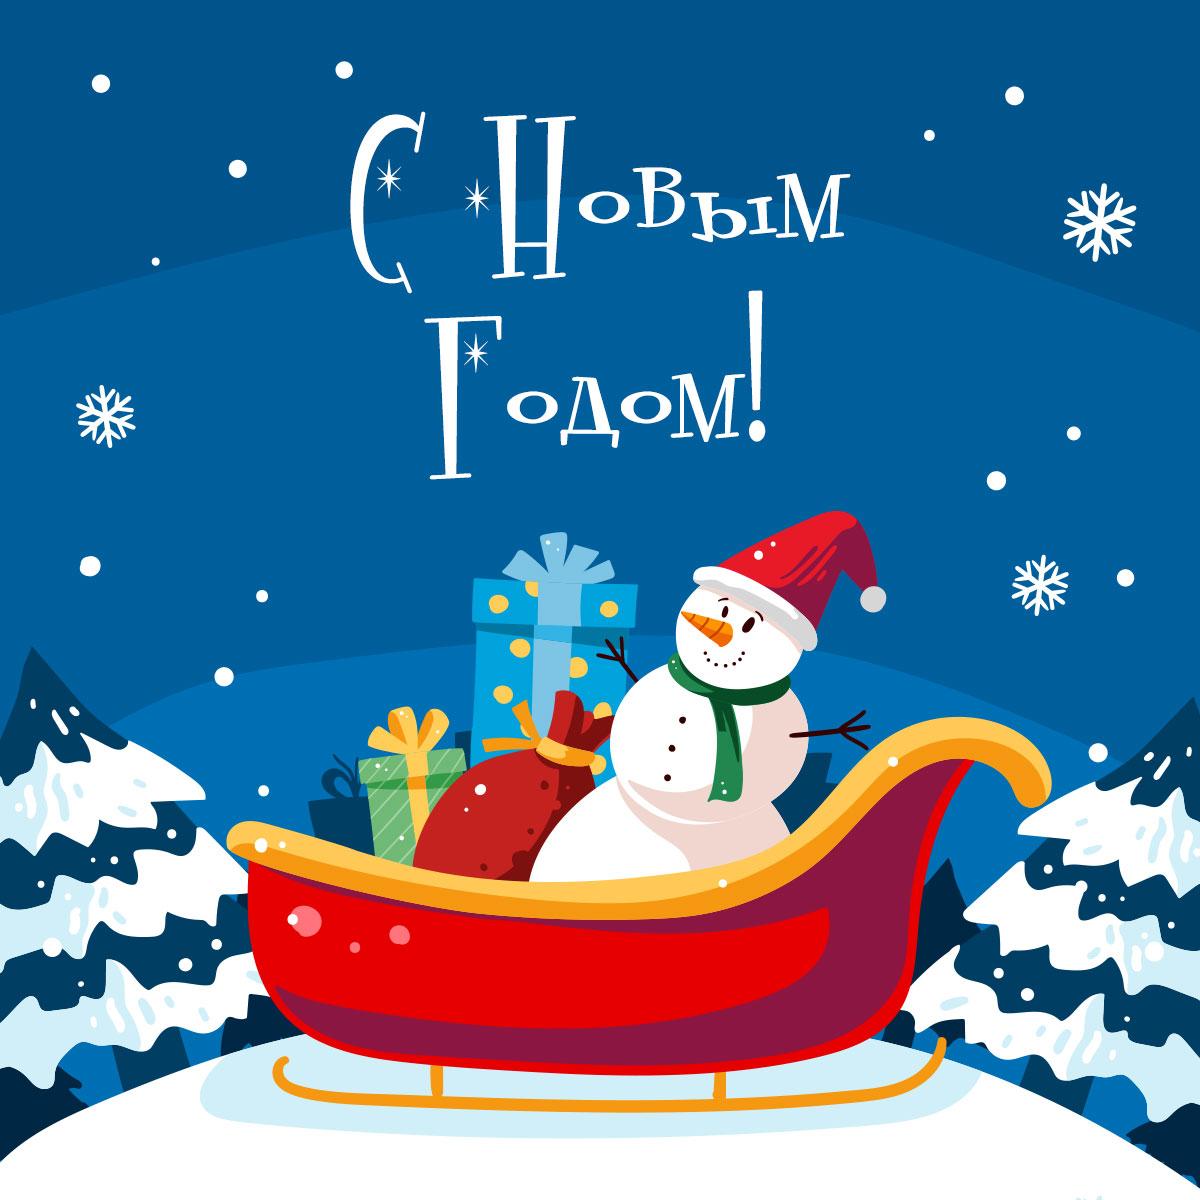 Картинка со снеговиком в шапке санта клауса в красных санях с подарками - красивые новогодние открытки на зимнем фоне.